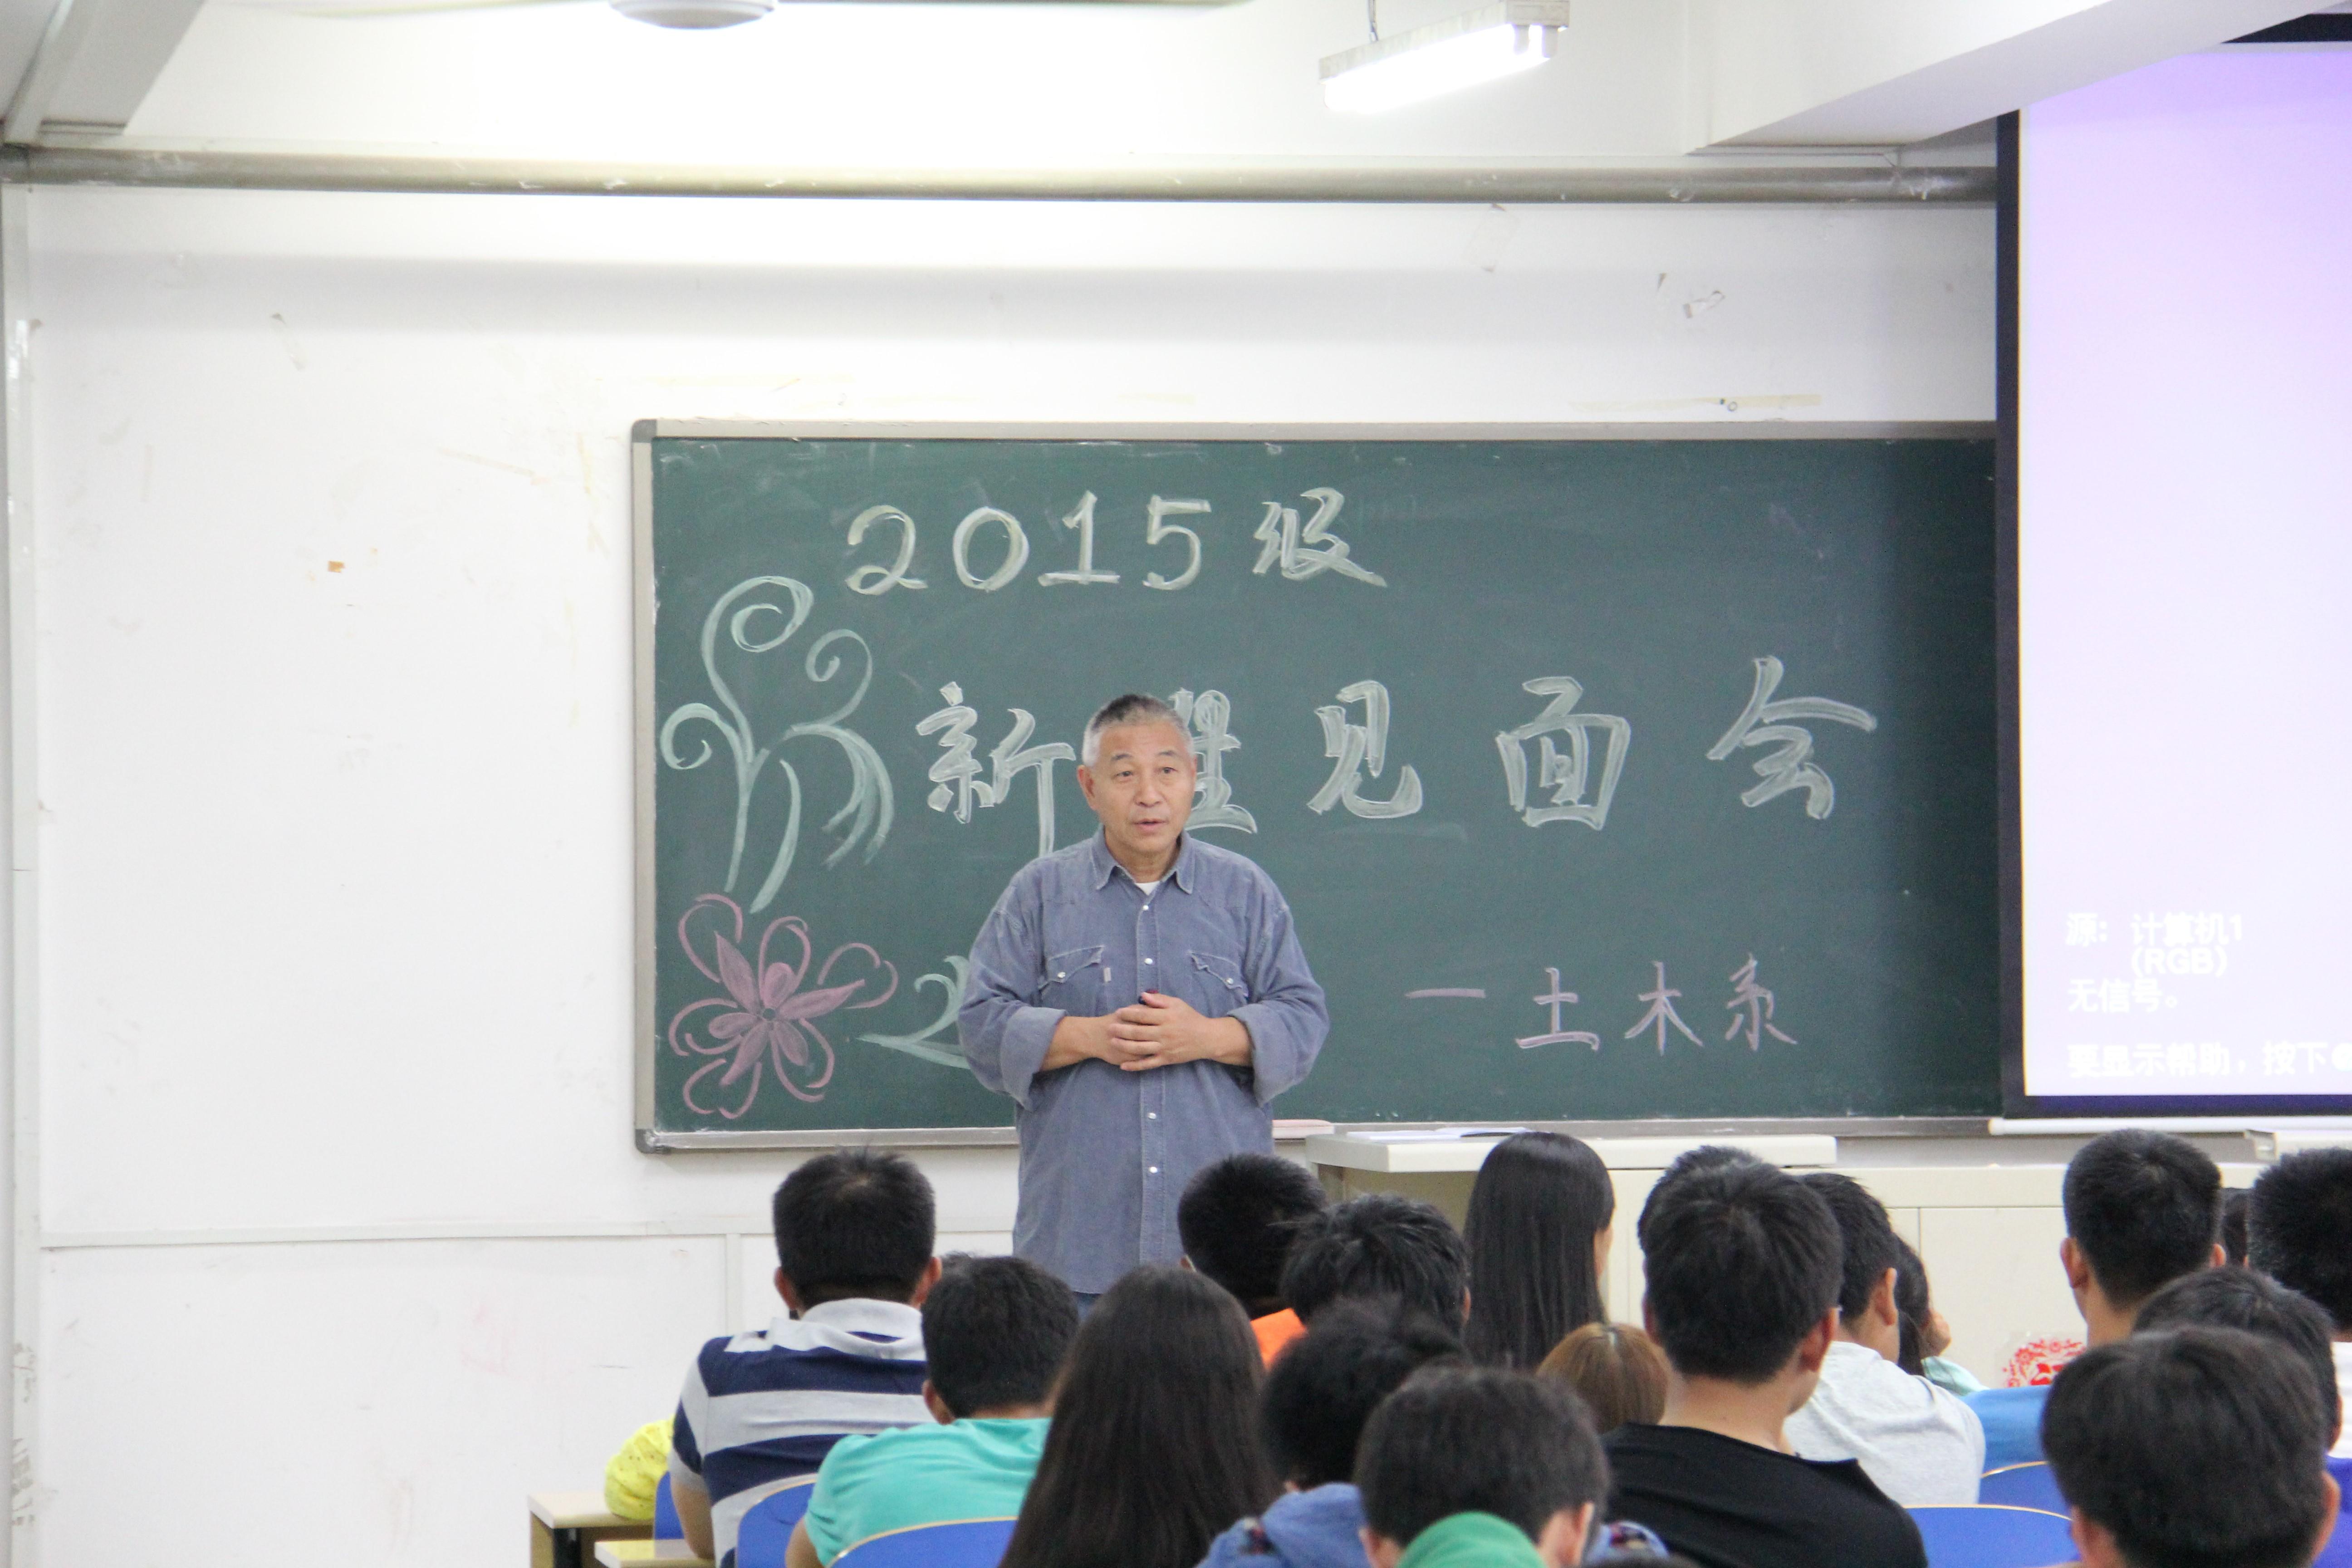 北京科技大学天津学院2015级土木工程系新生见面会